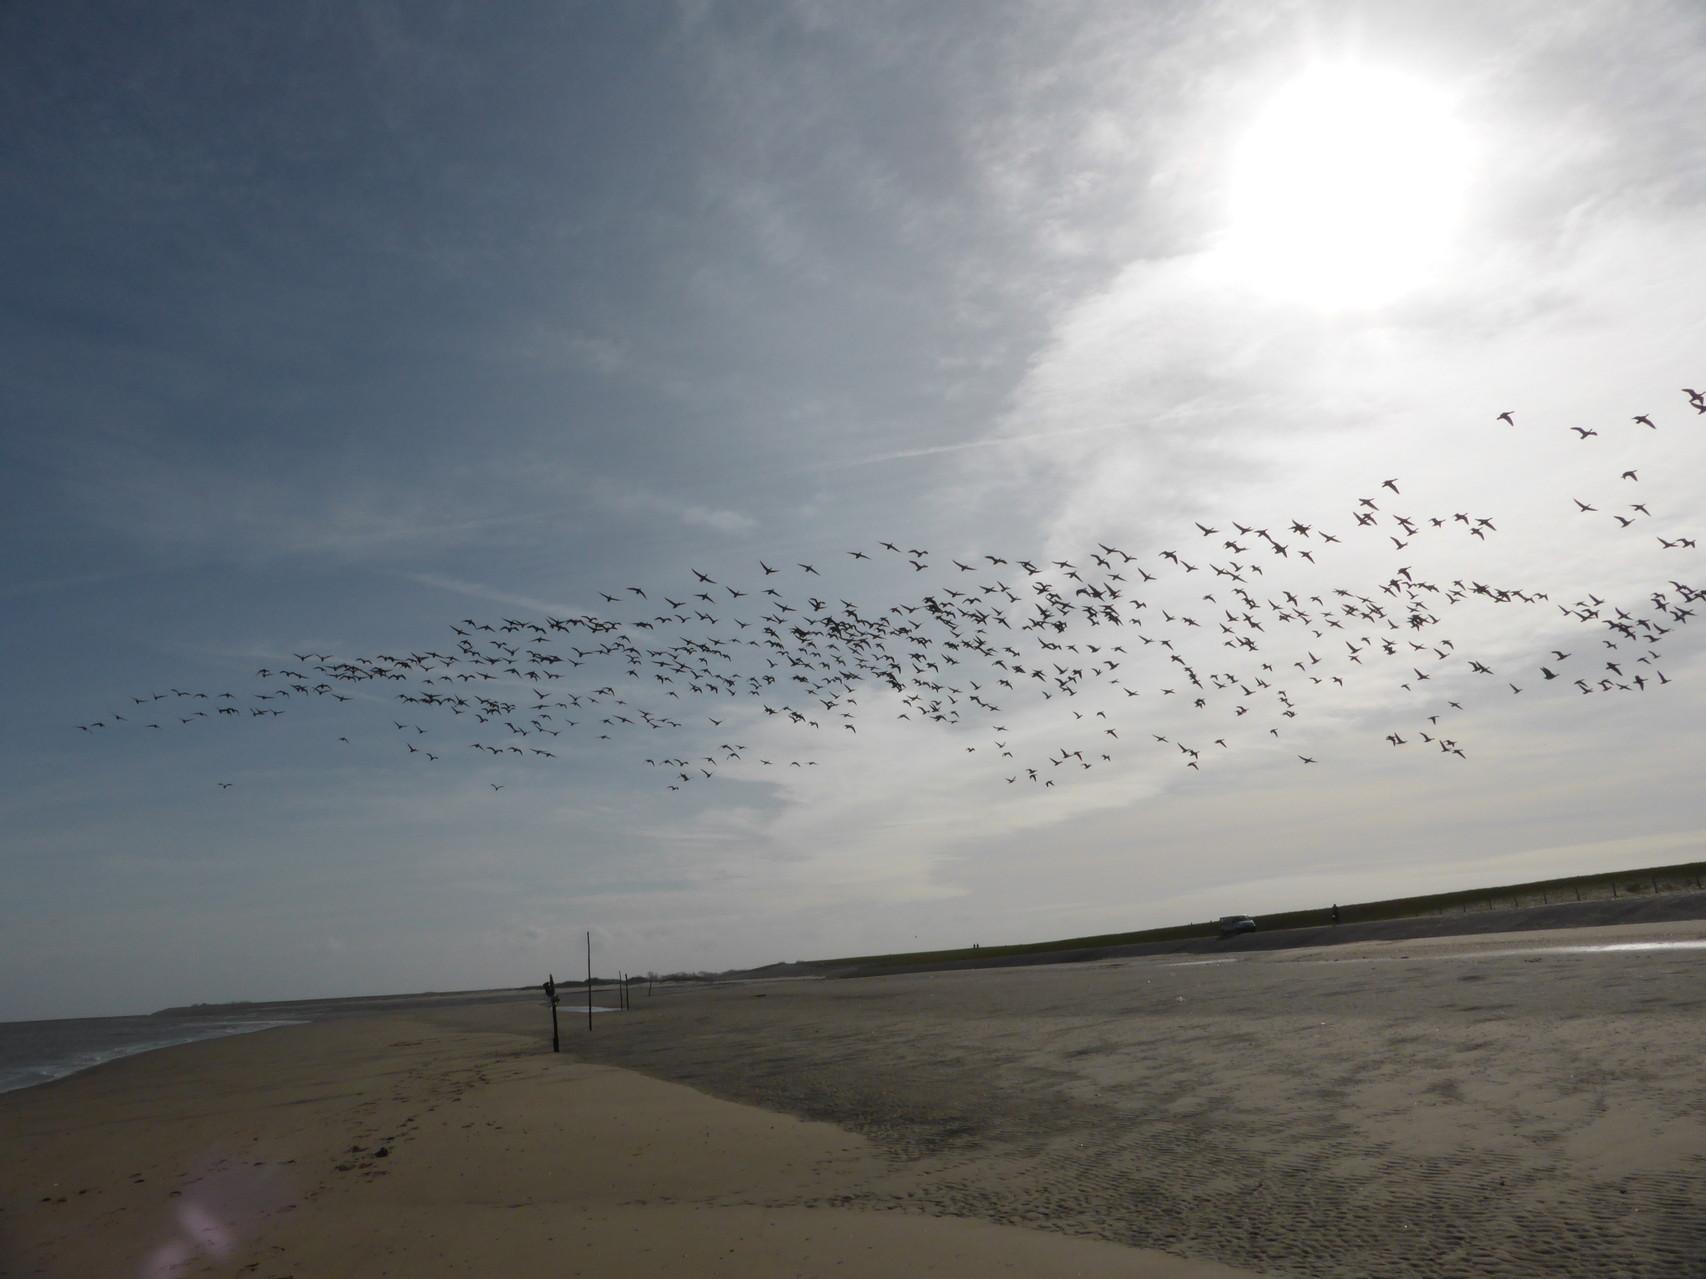 eine Vogelwolke